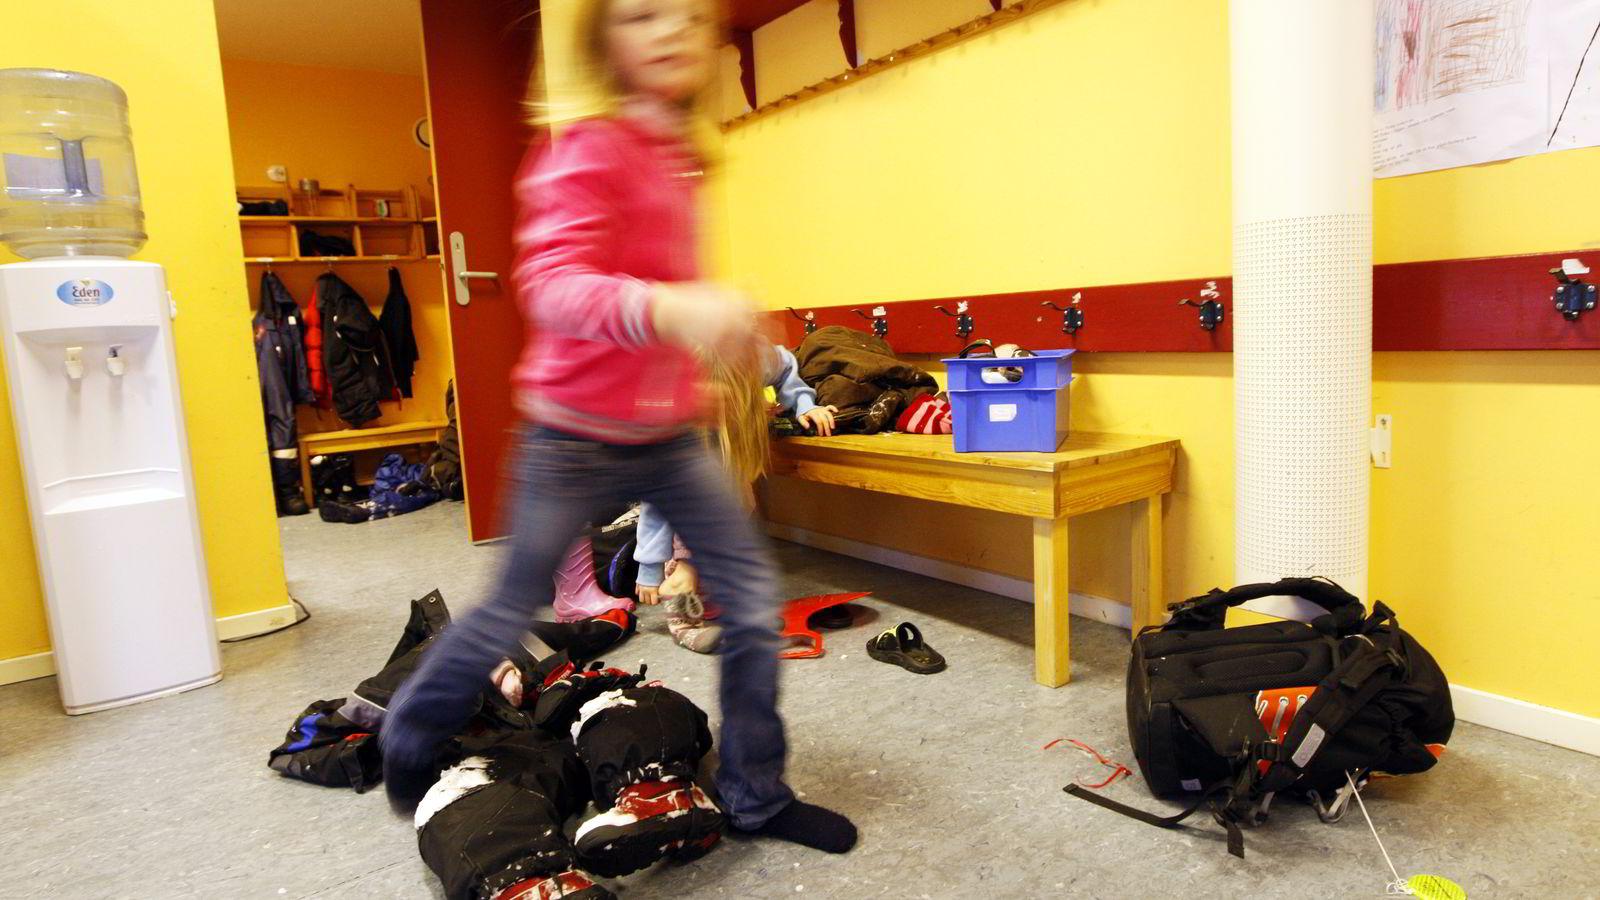 I praksis vet vi lite eller ingenting om hvordan seksåringene egentlig har det i norske klasserom, sier professor Sidsel Germeten som mener kunnskapsministeren må ta initiativ til forskning. Illustrasjonsfoto: Lise Åserud /